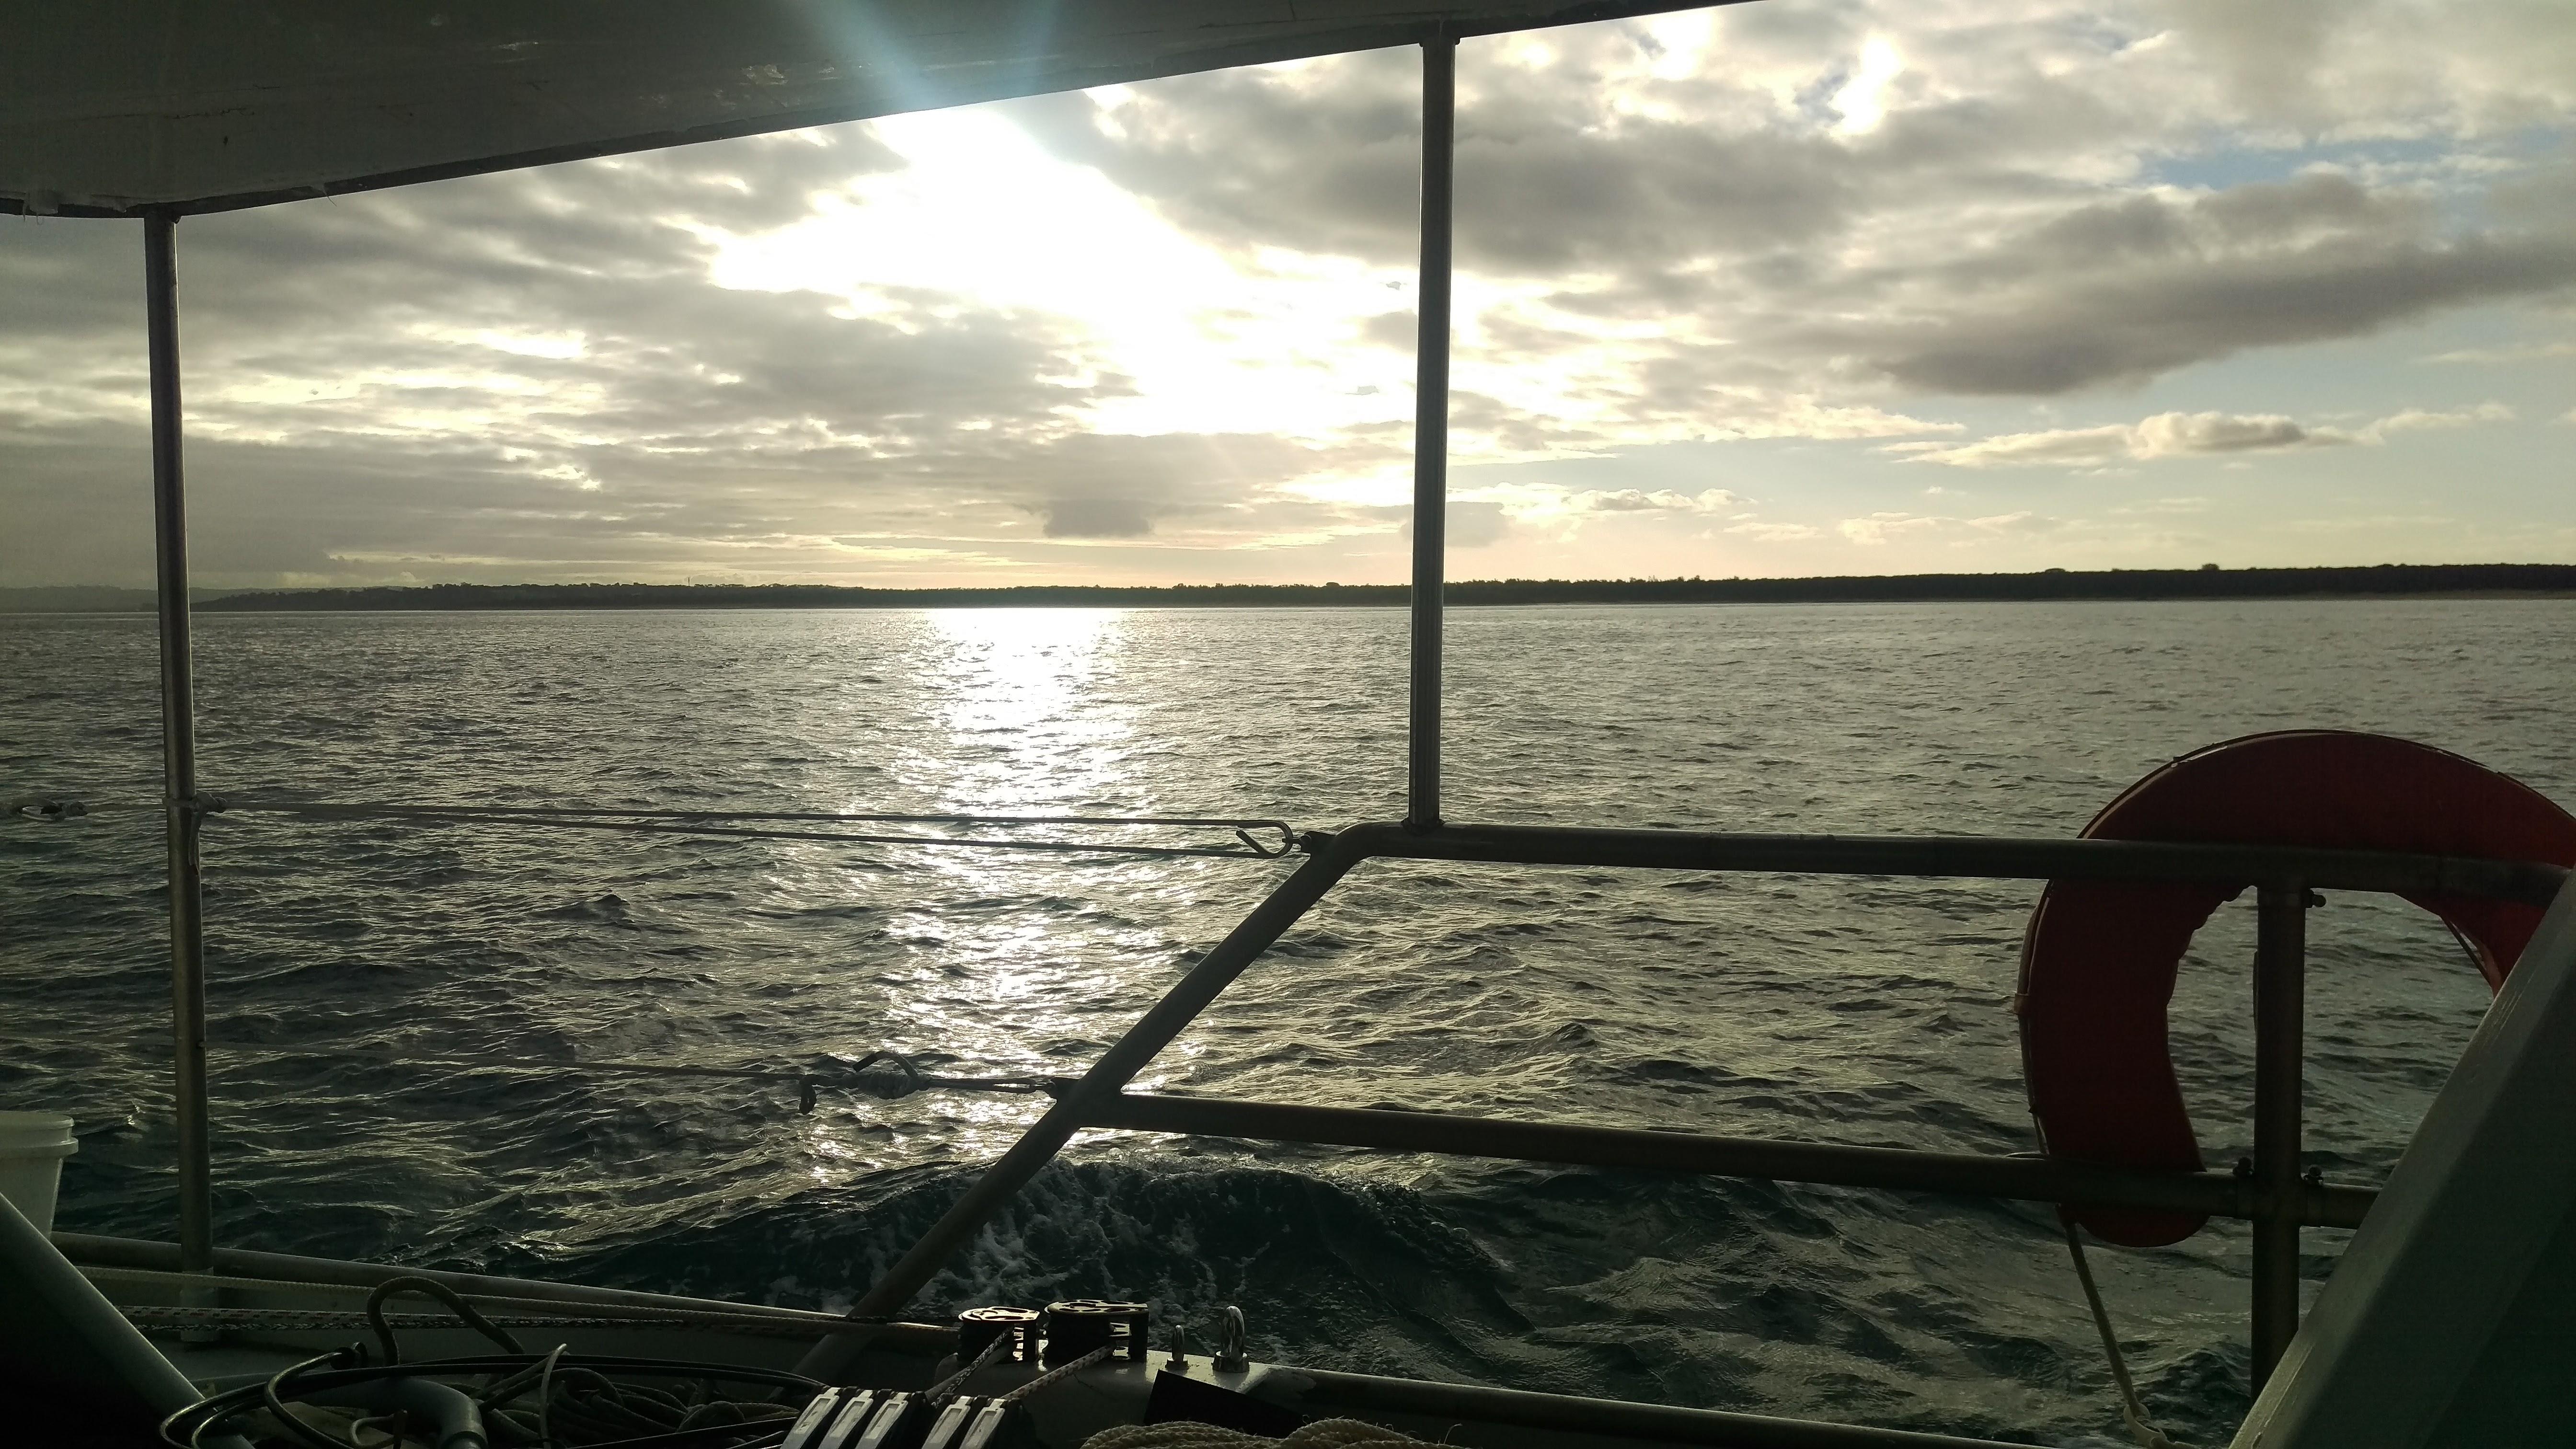 Leaving Hastings